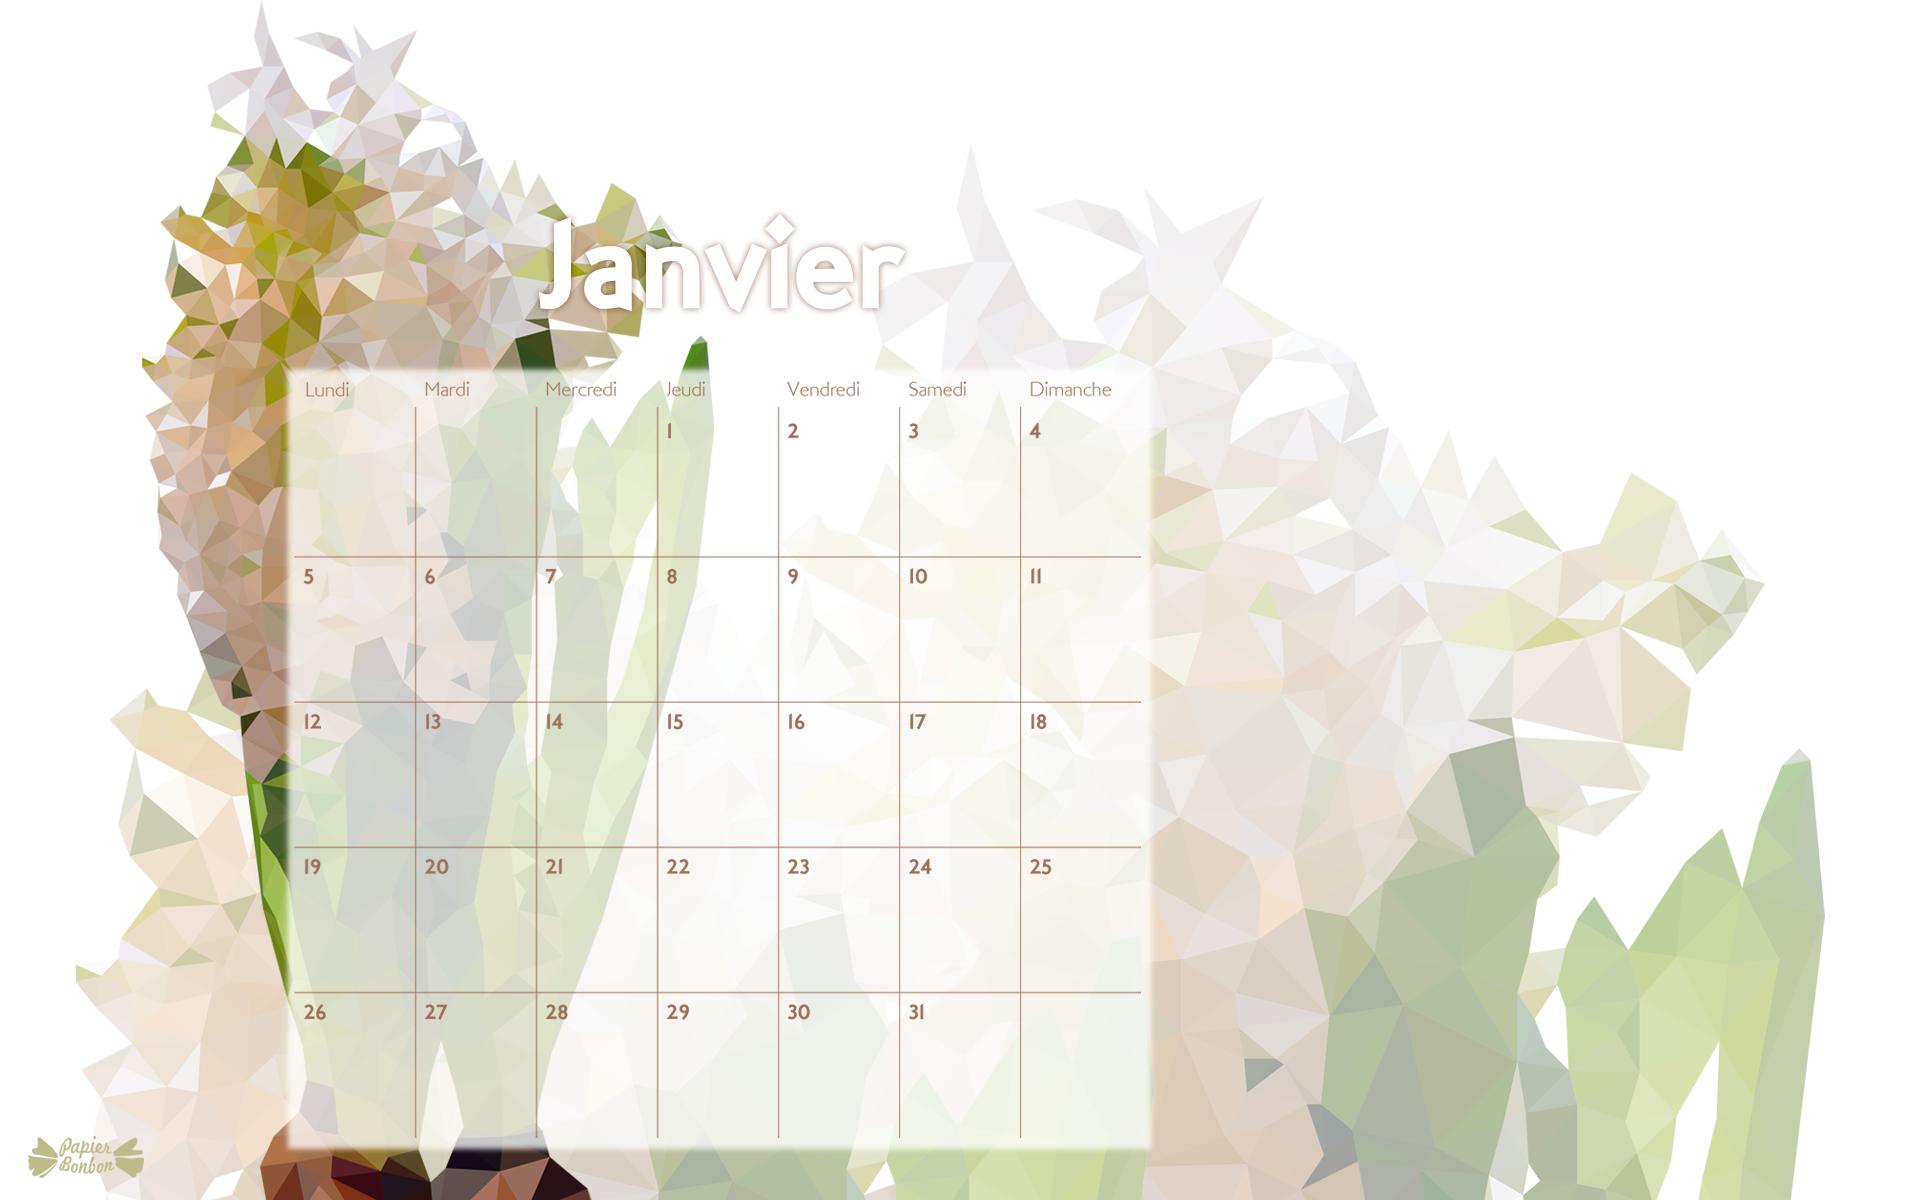 Fond d'écran Calendrier Janvier 2015 à télécharger